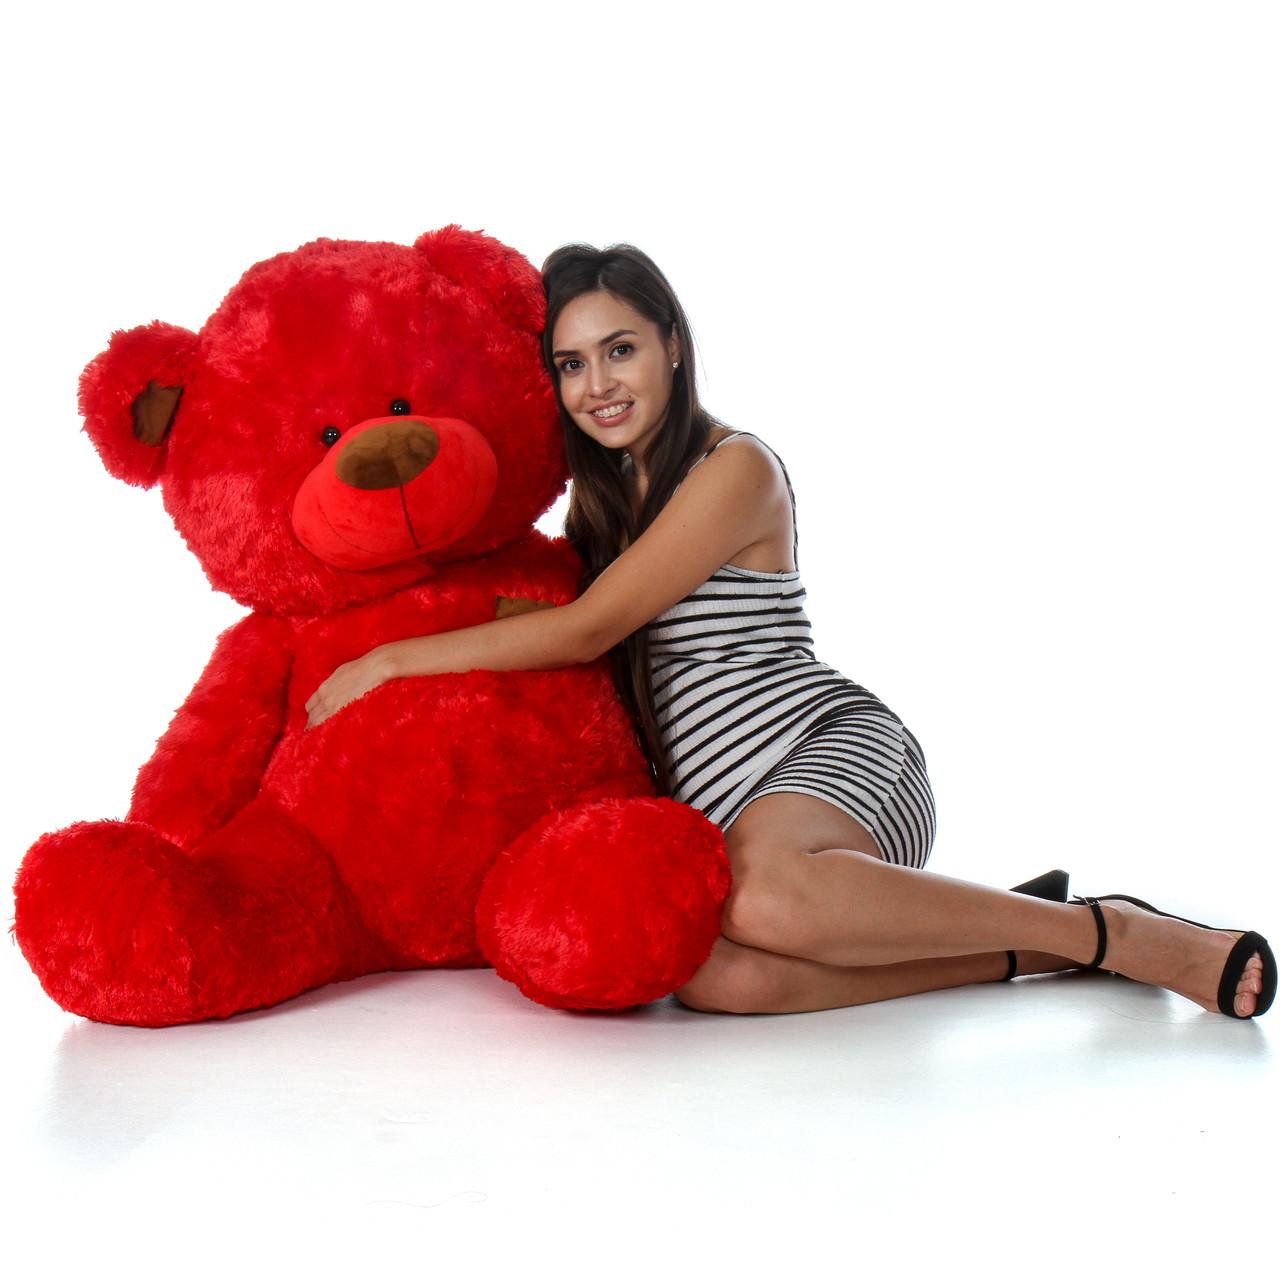 Huge Red Teddy Bear